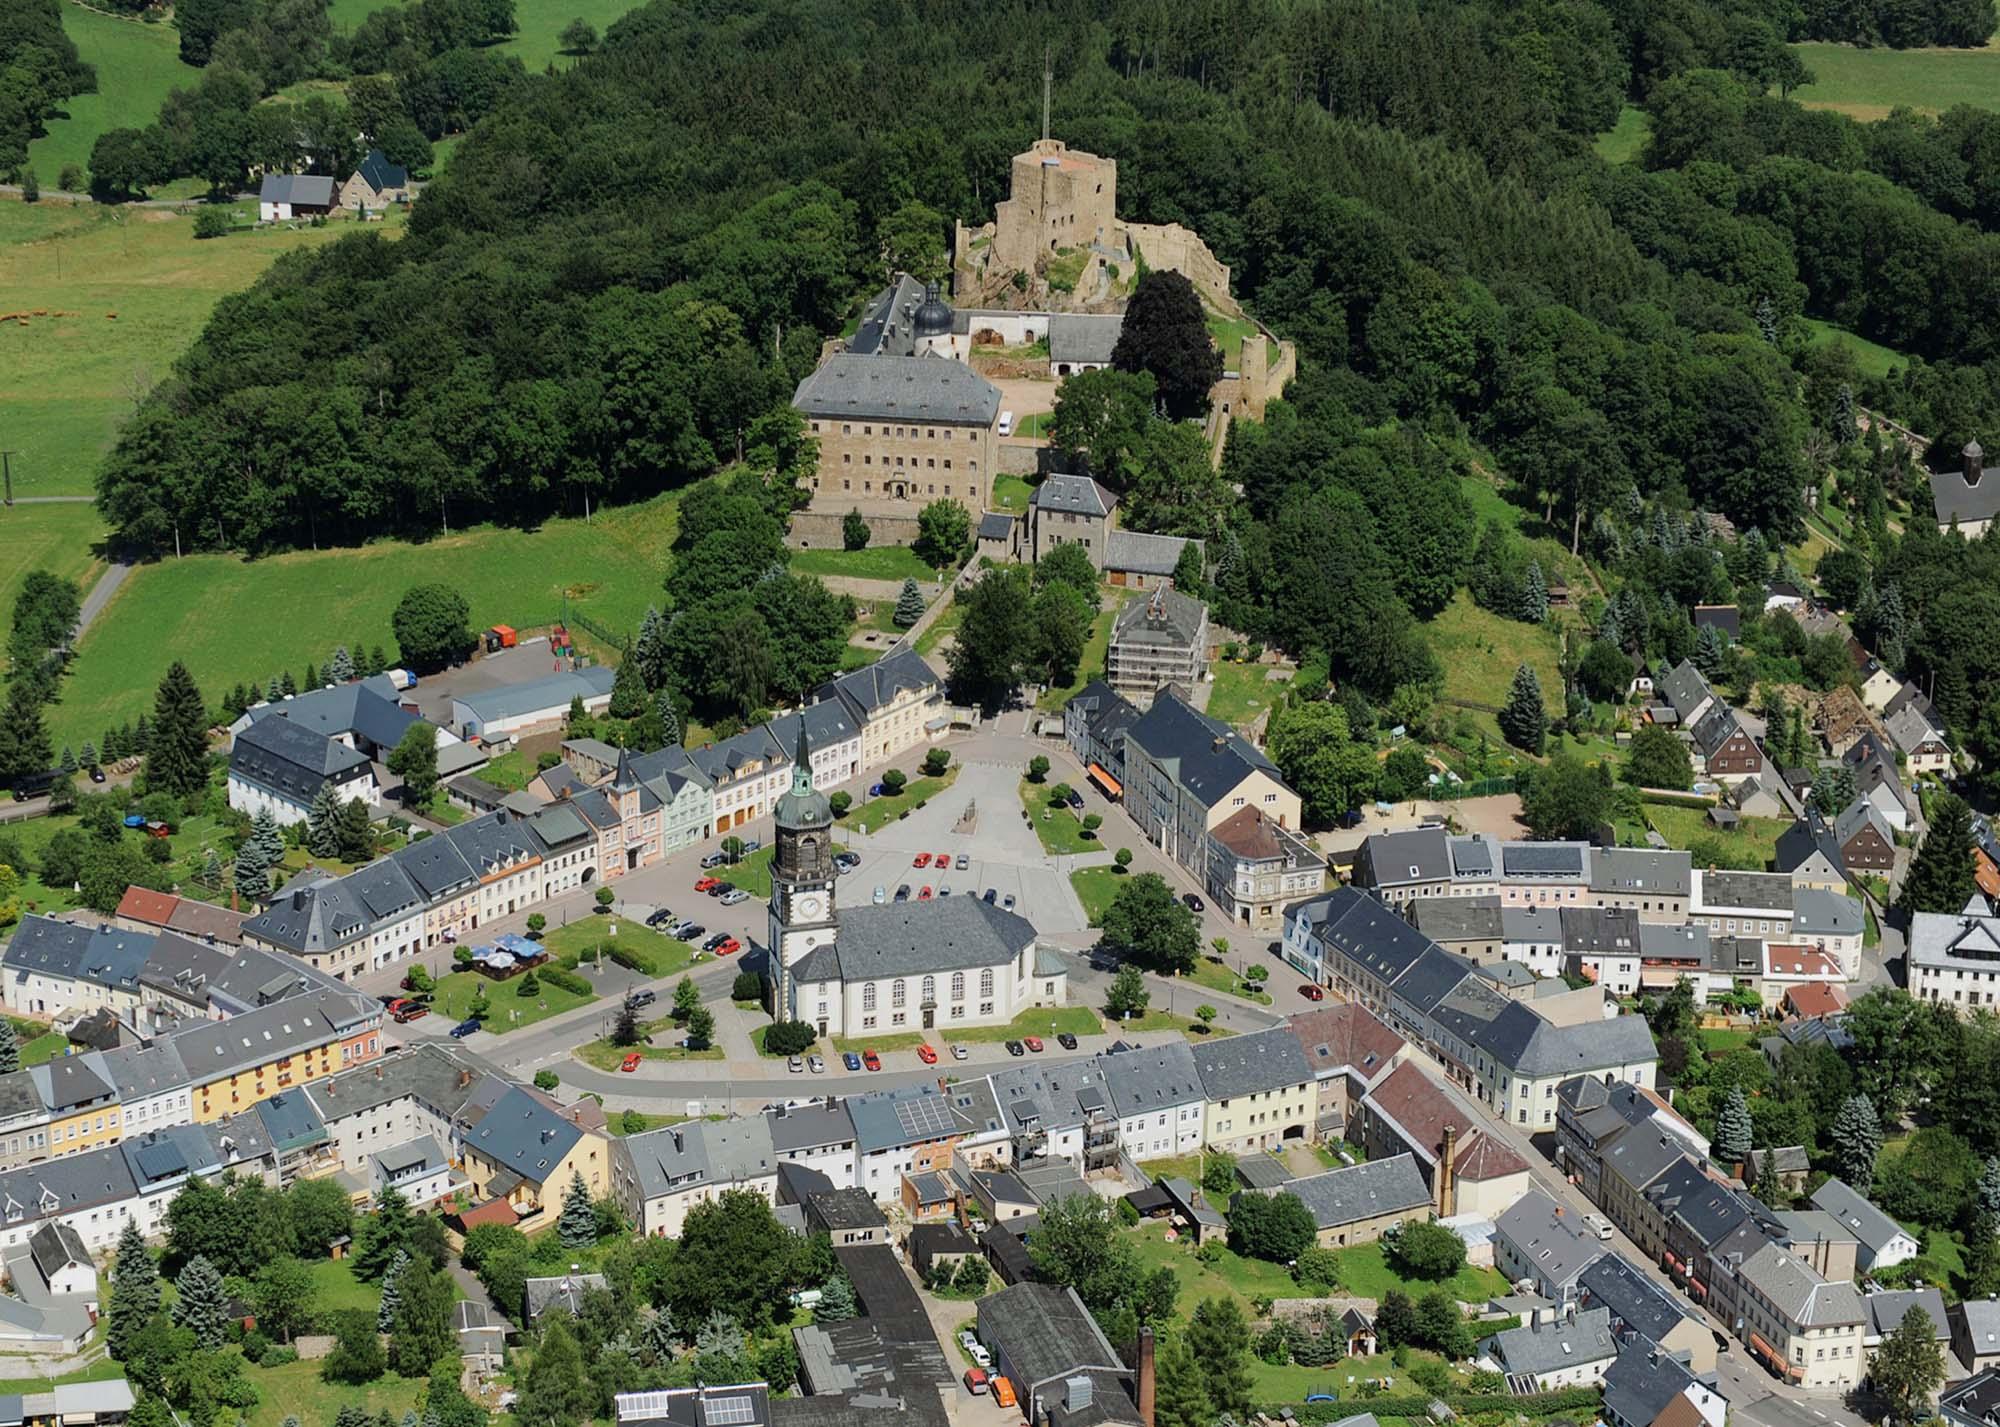 2020-11-20-Frauenstein-Foto-Böhme-Luftaufnahme